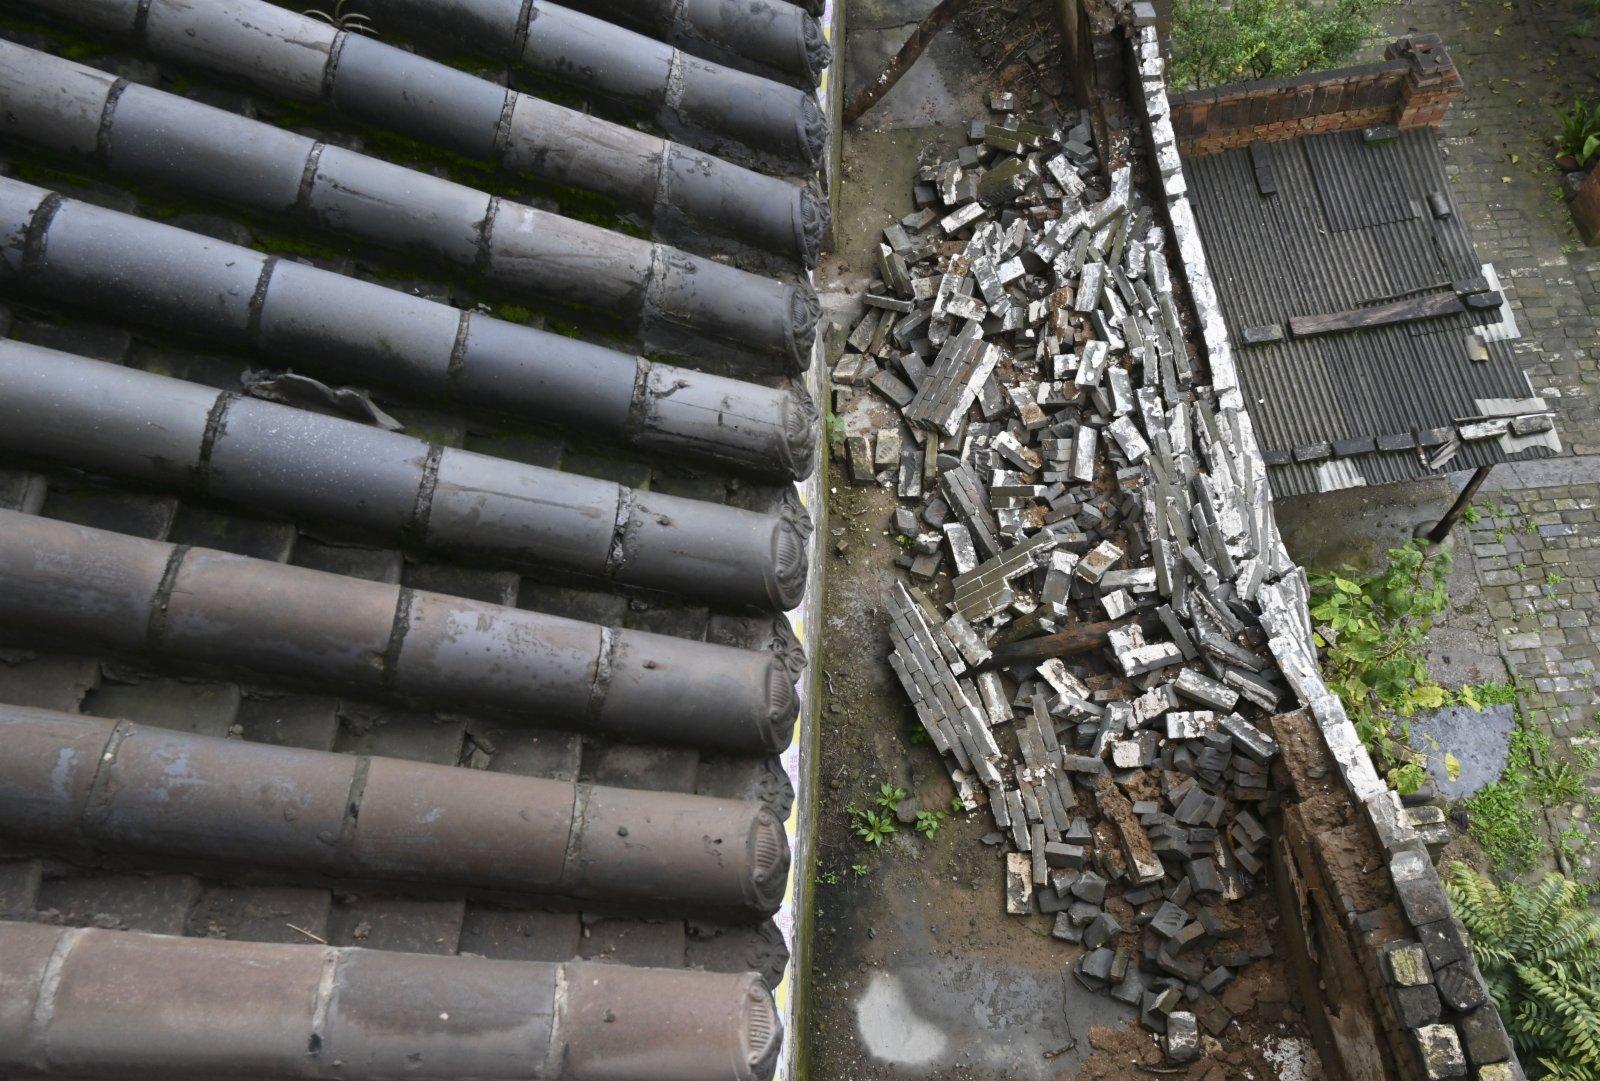 全國重點文物保護單位山西省汾城古建築群的社稷廟院牆部分倒塌(10月12日攝)。